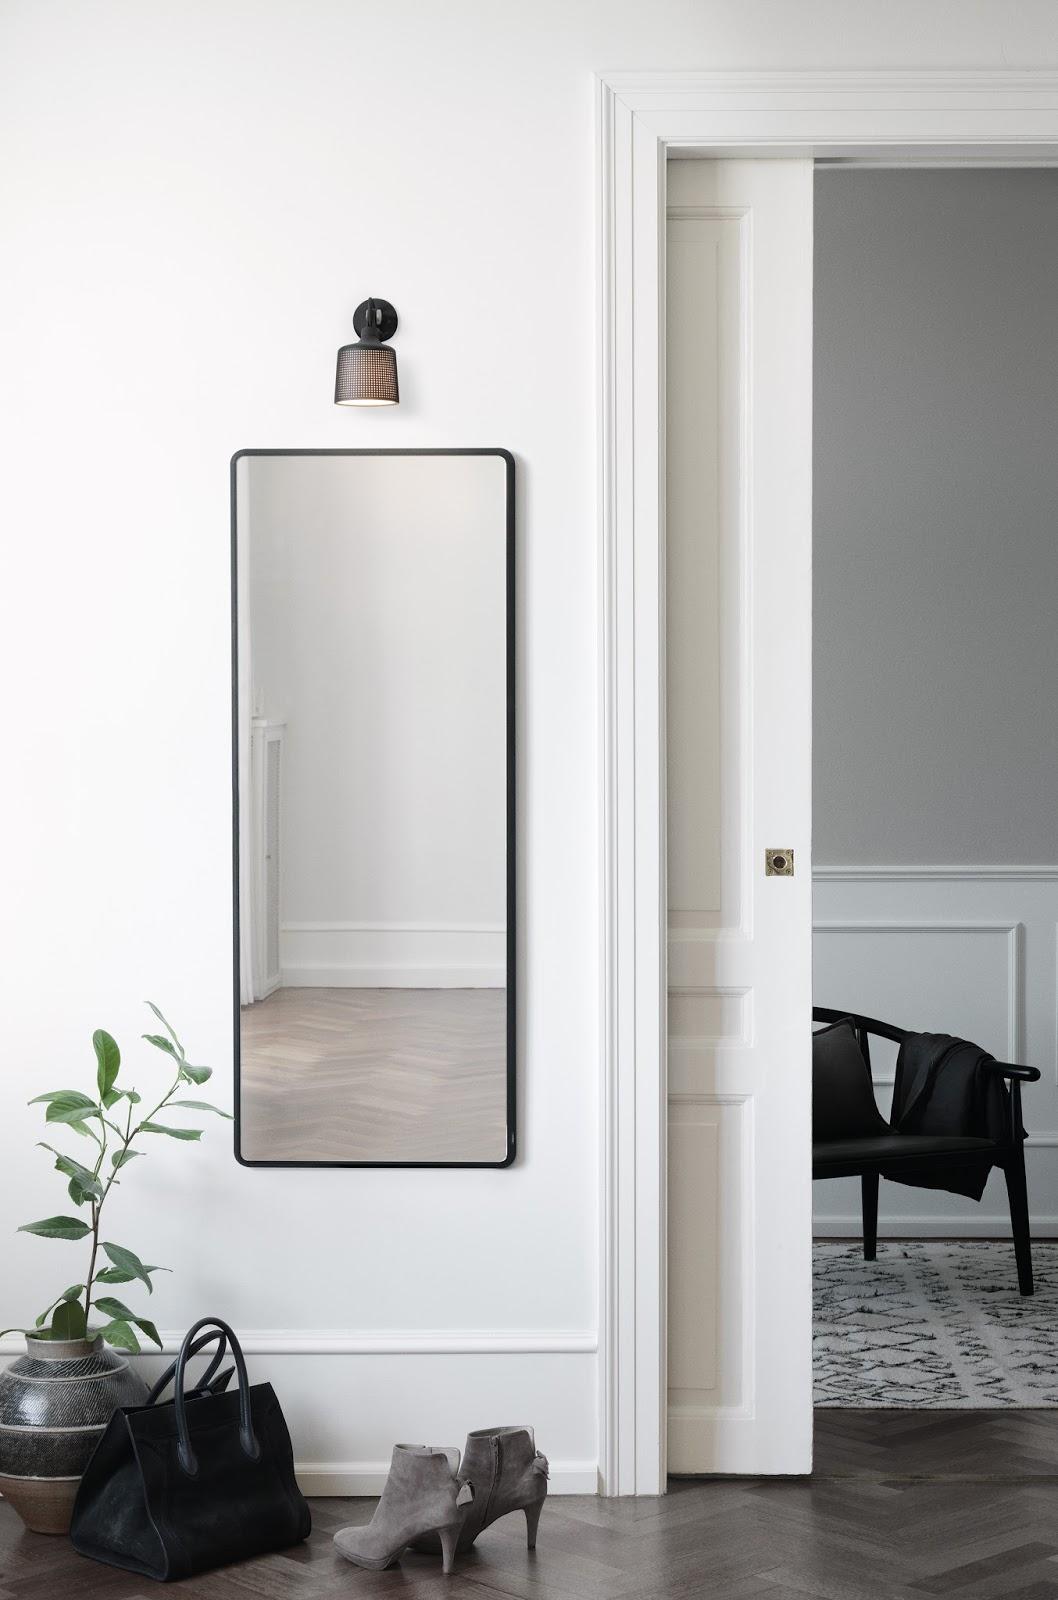 wybieranie lampy do mieszkania